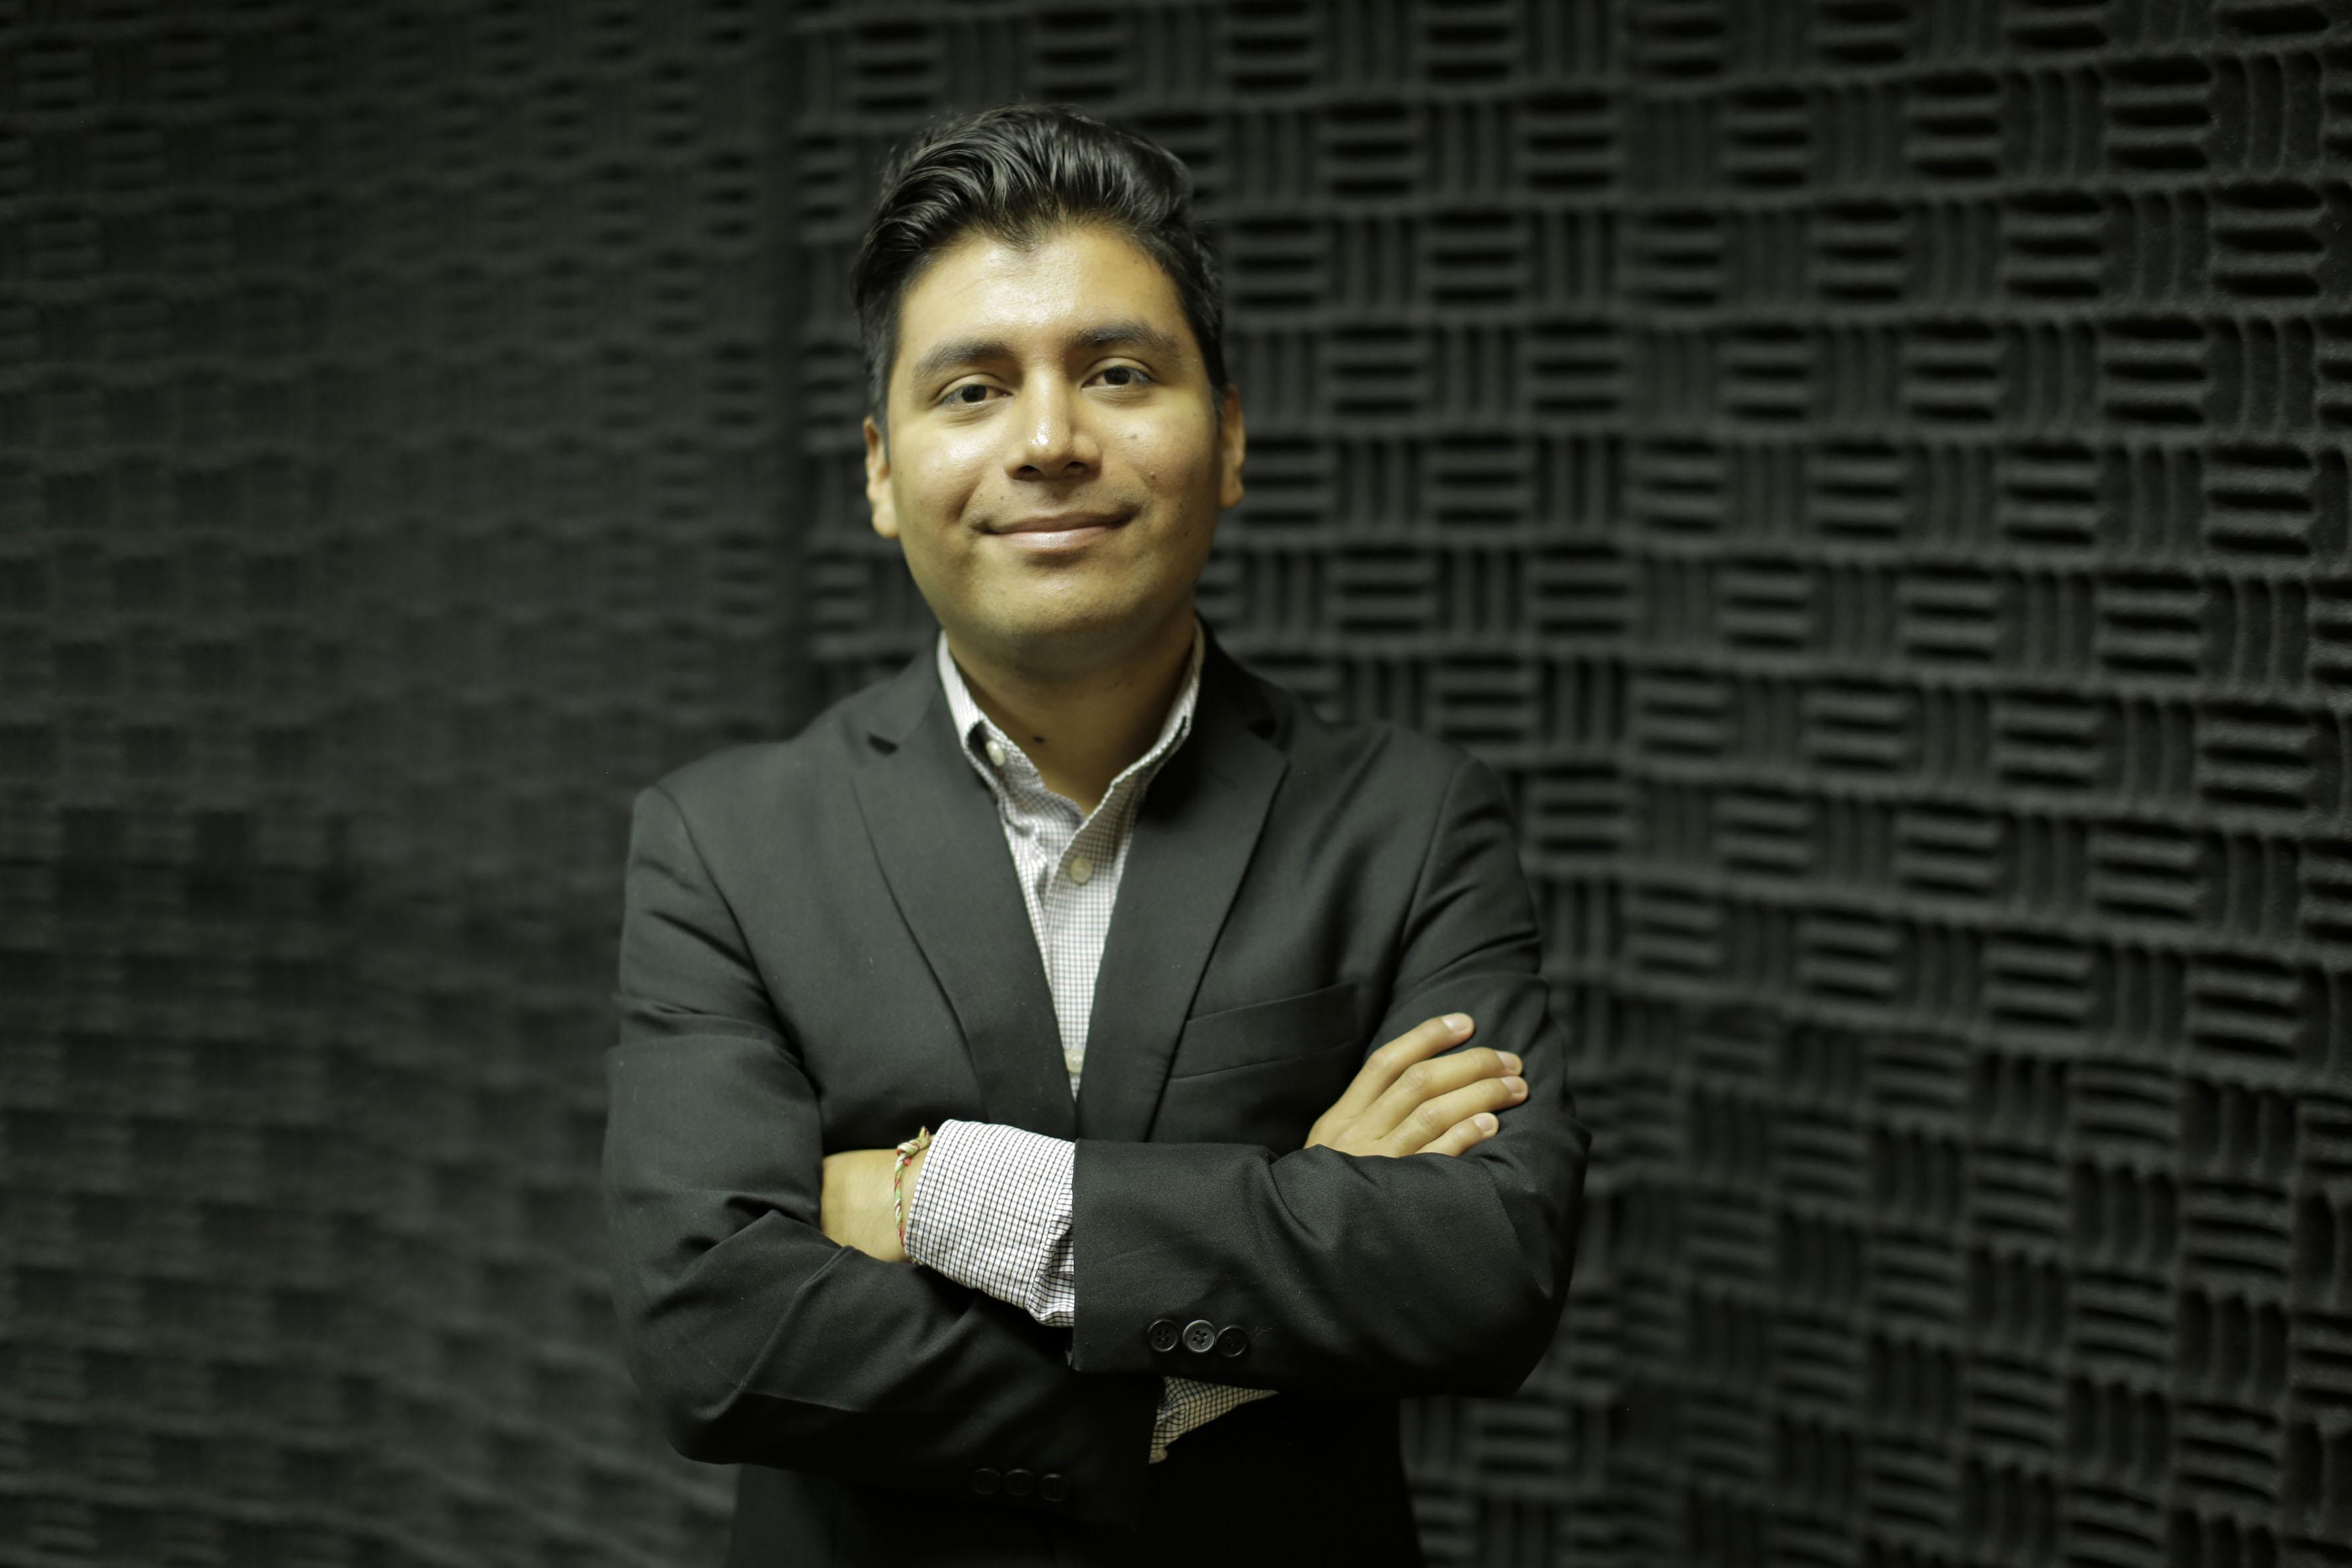 Eduardo Espiricueta Espinosa egresado de CUCSH realizar una pasantía  en la ONU